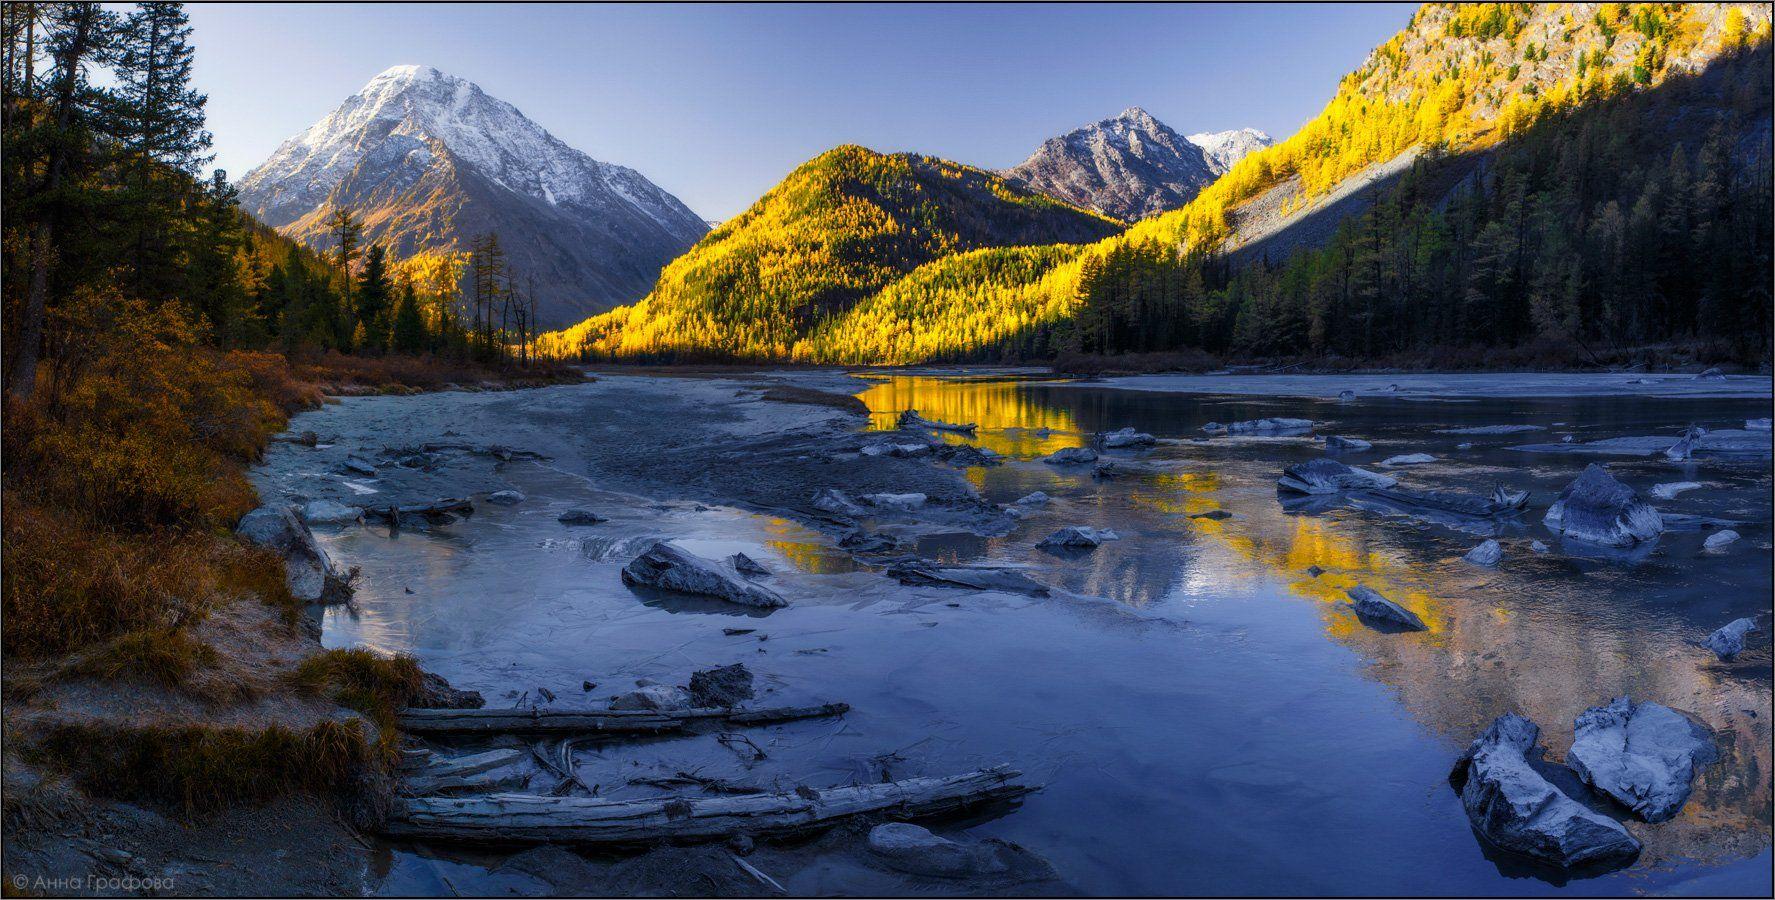 Алтай, Аня графова, Горный алтай, Горы, Катунский хребет, Кучерла, Осень, Аня Графова